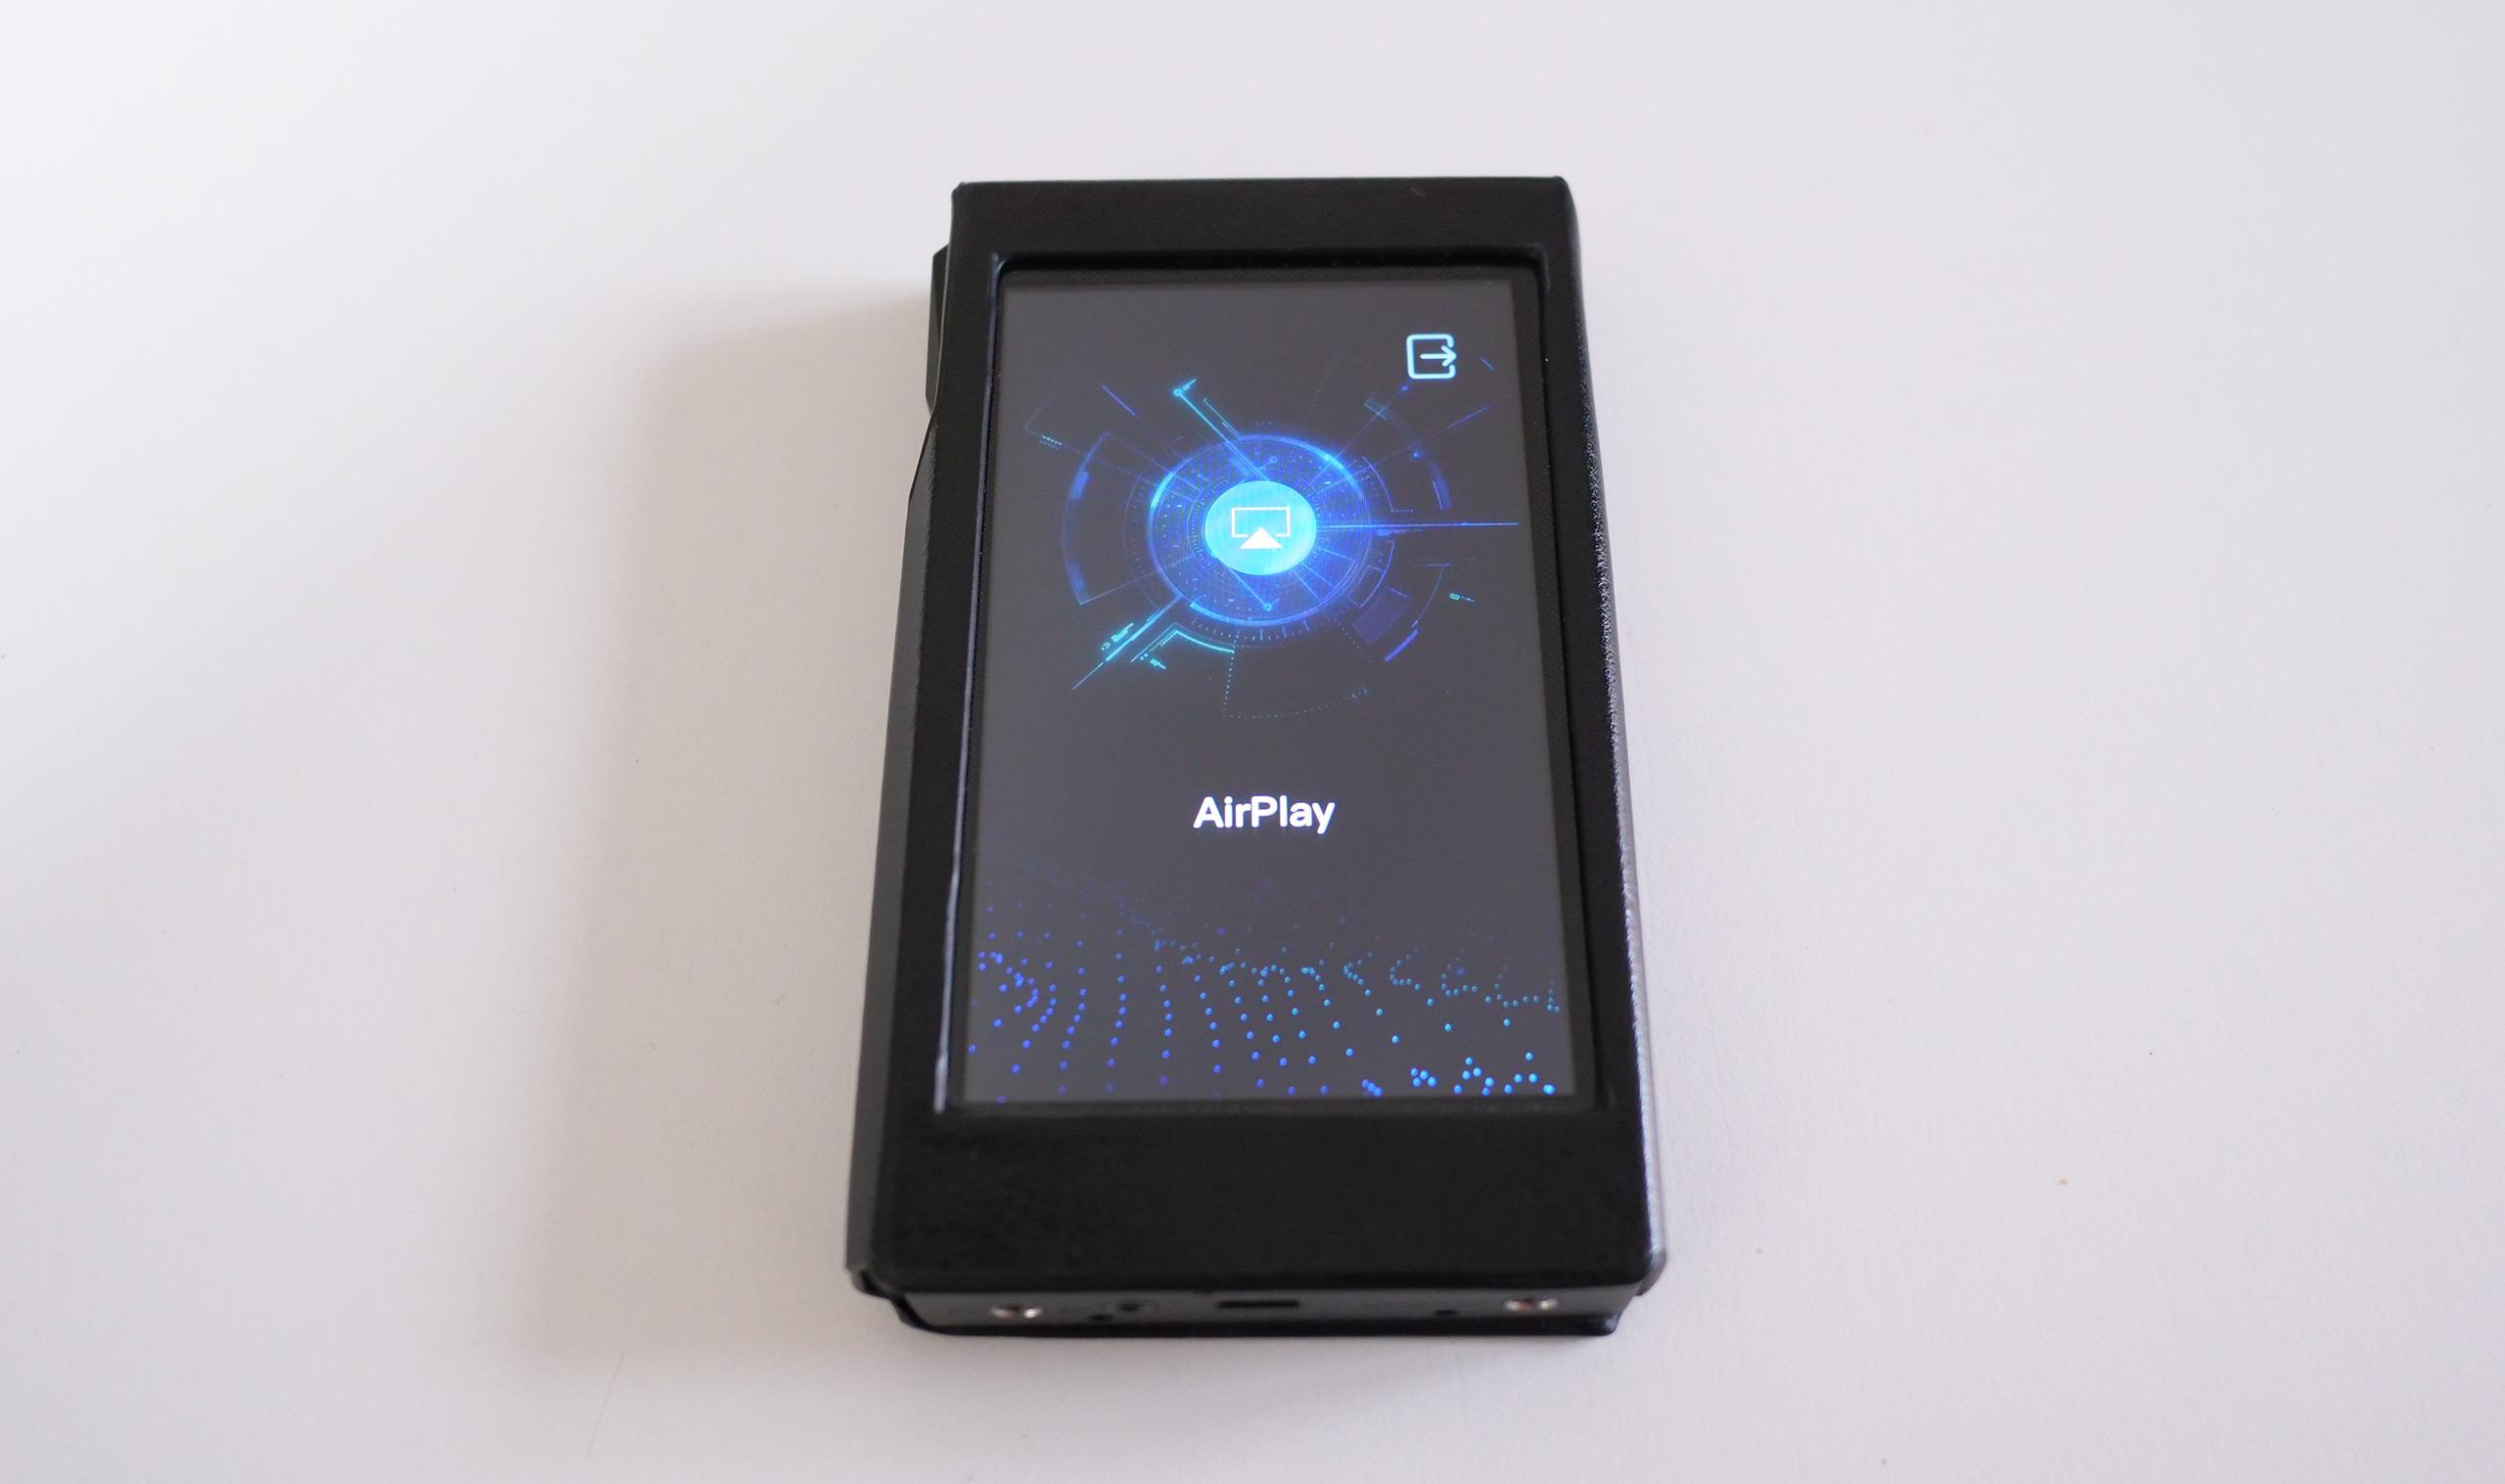 En mode récepteur AirPlay, le baladeur est bloqué sur cet écran, aucune autre action n'est possible.